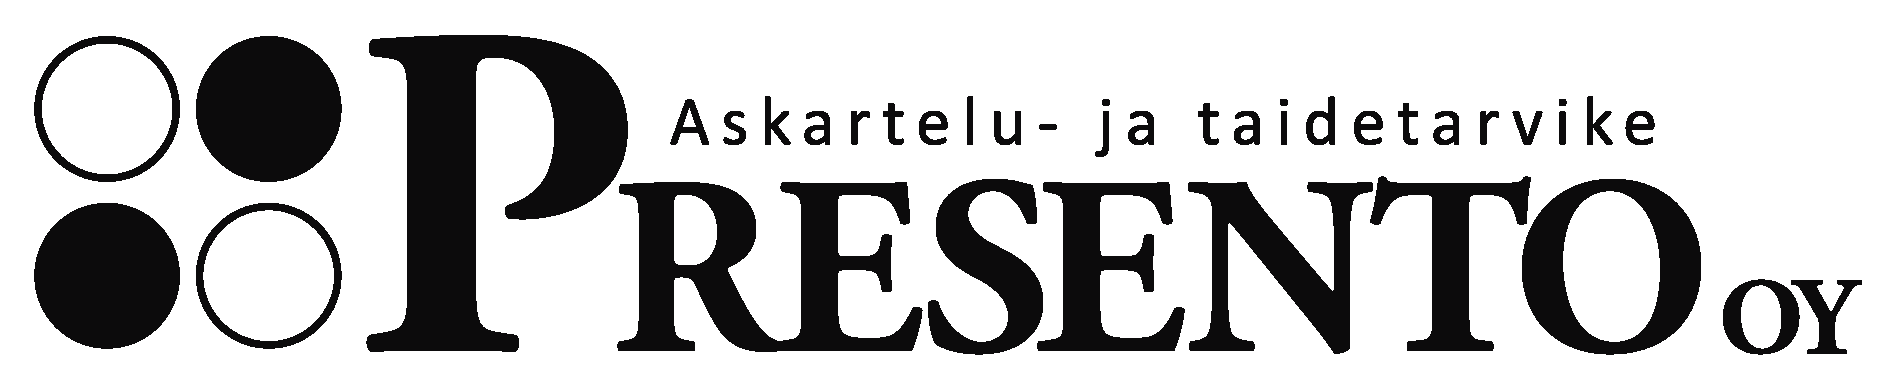 Askartelu- ja taidetarvike Presento | Askartelu Turku